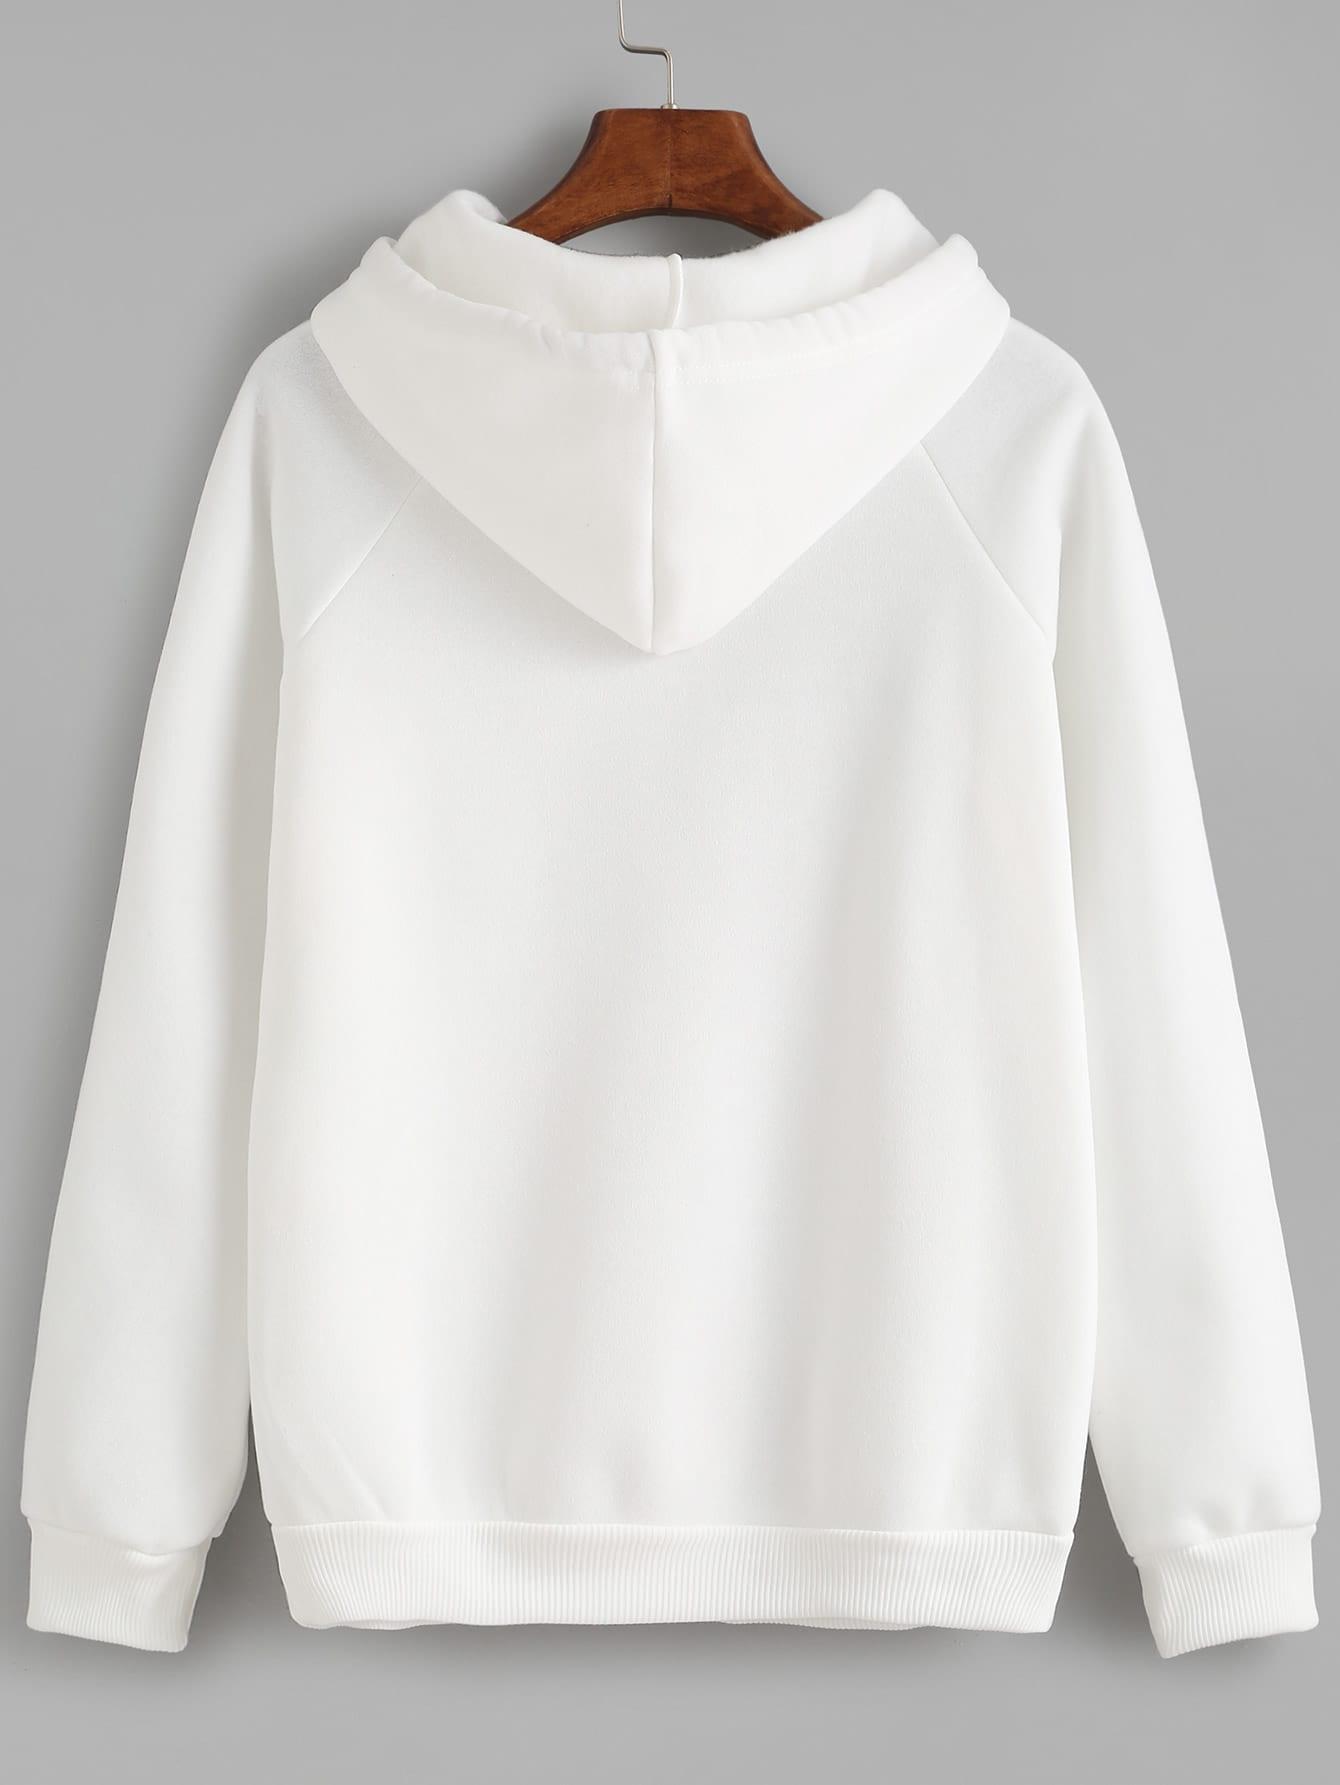 sweatshirt160915305_2